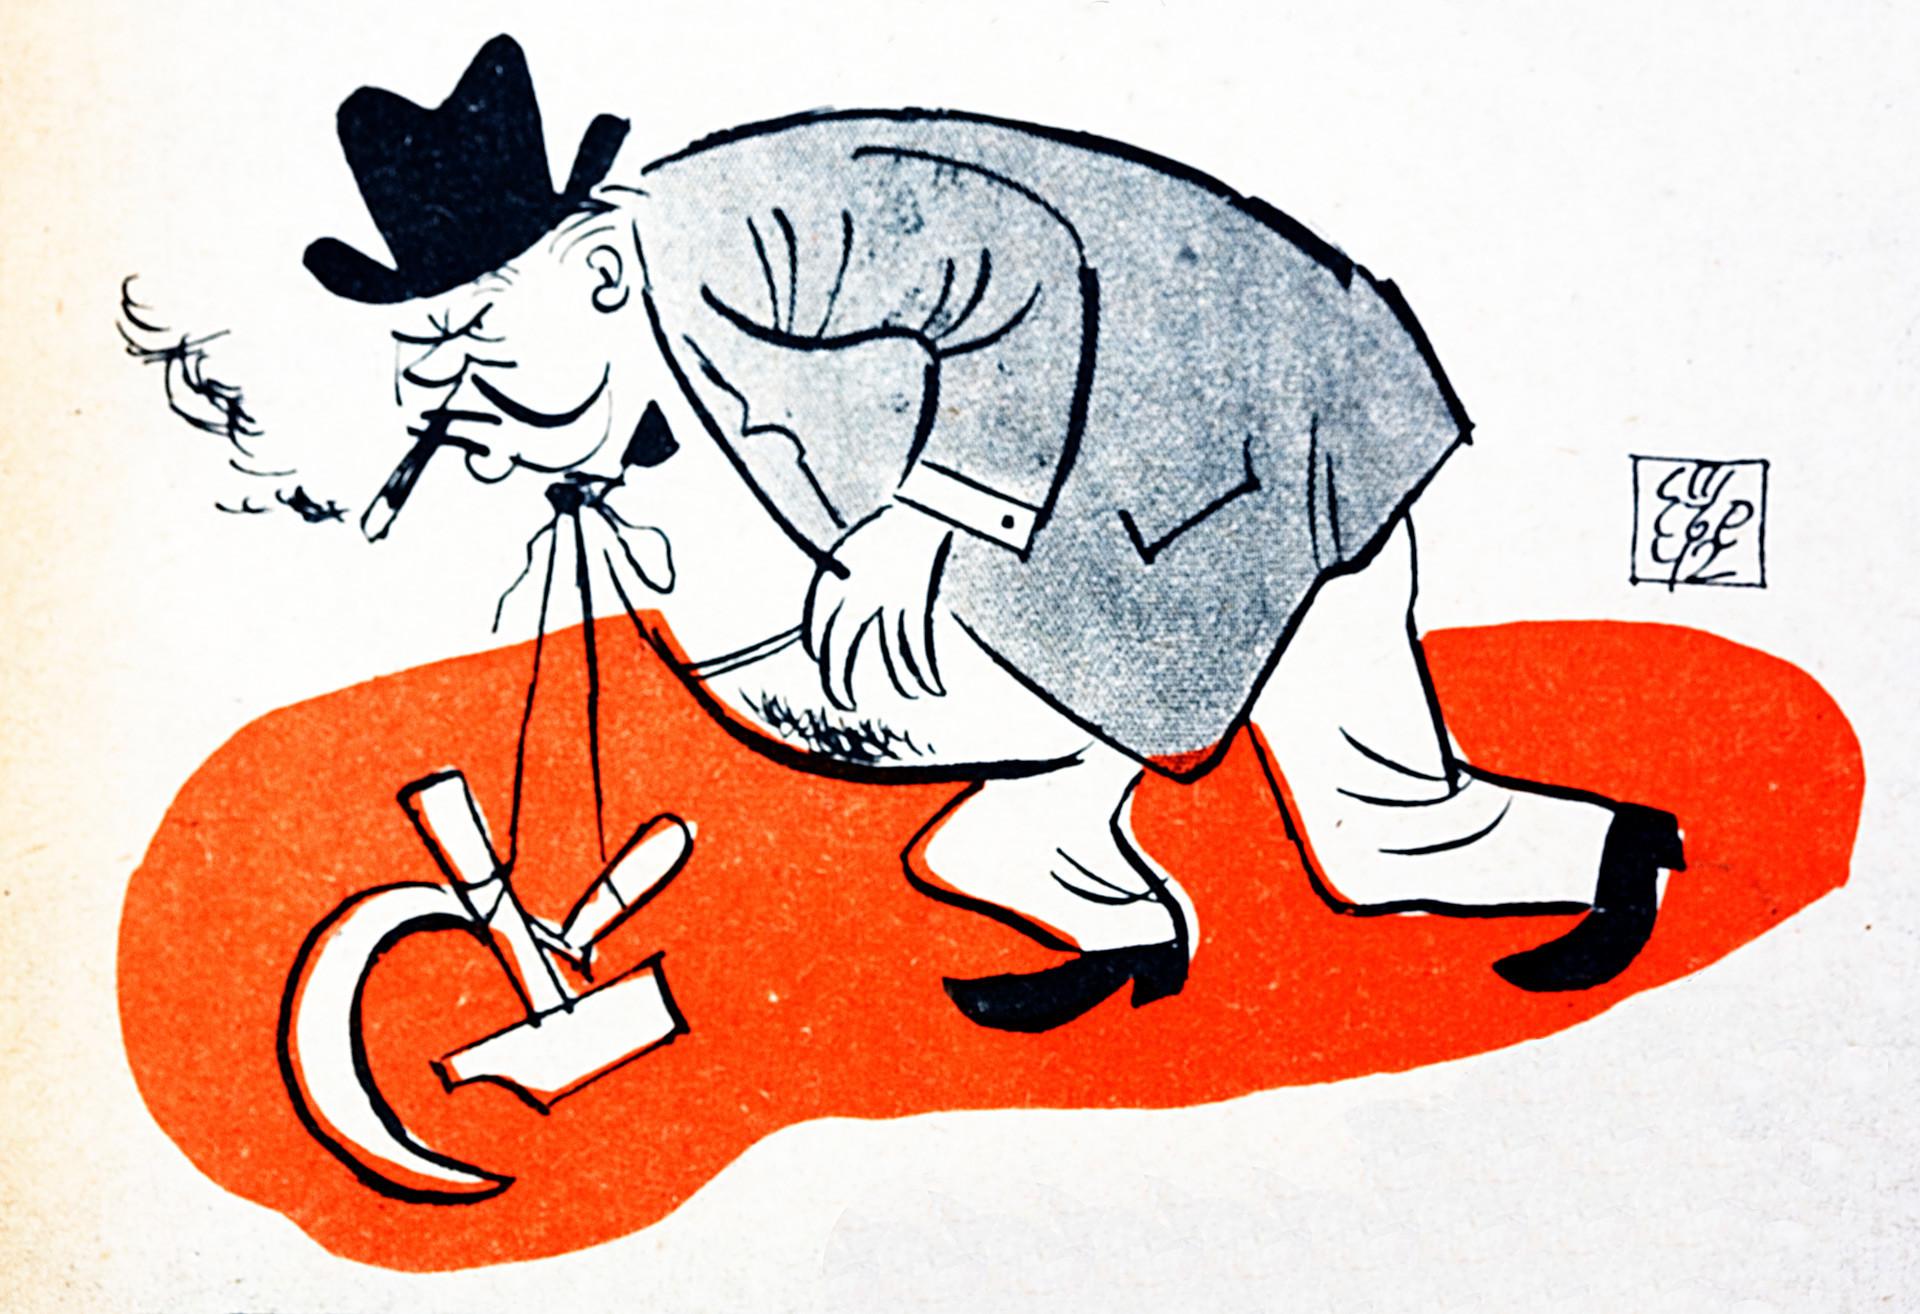 Caricatura pro-nazi que muestra Winston Churchill lastrado por la hoz y el martillo comunistas, simbolizando su alianza con Rusia.